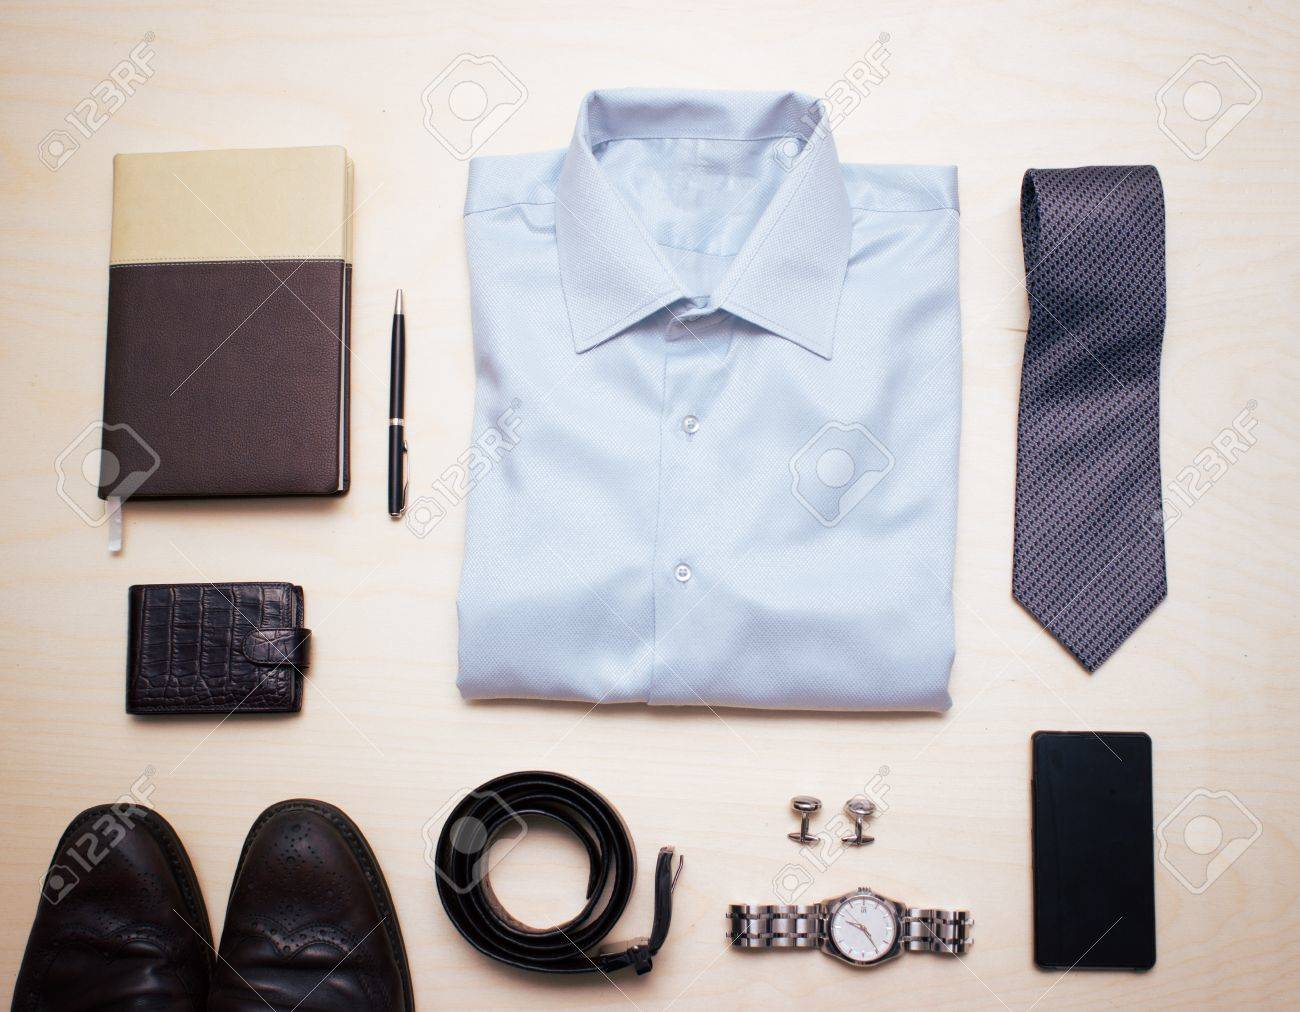 Herren Klassische Buro Outfit Mit Blauem Hemd Krawatte Und Zubehor